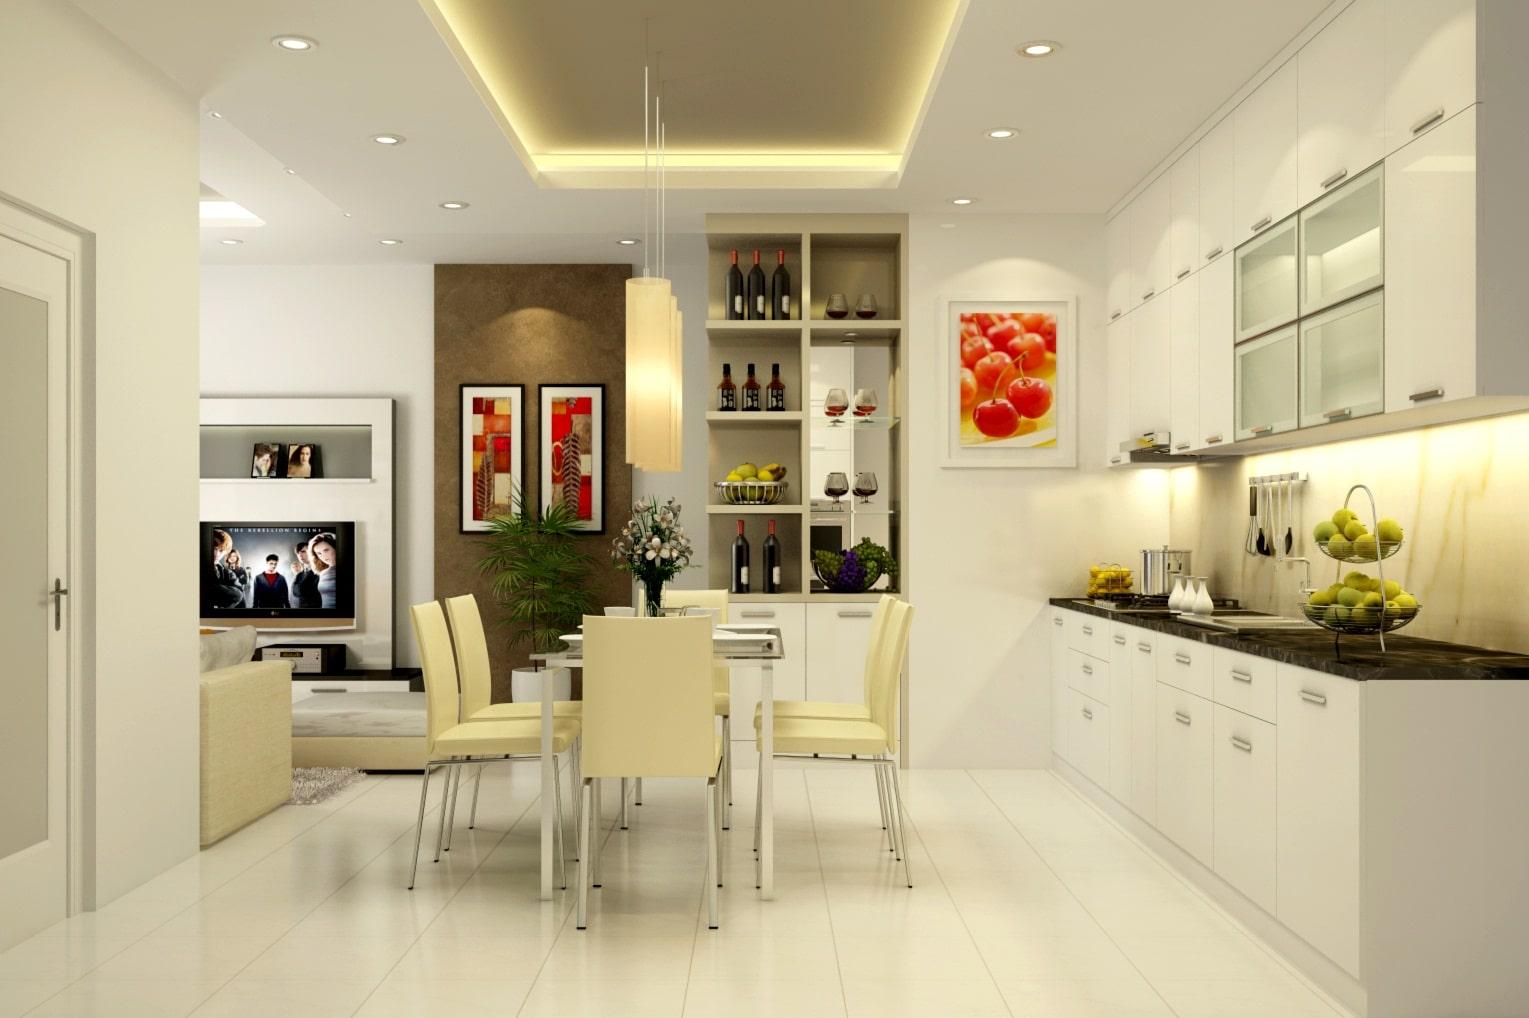 Thiết kế bếp nhà ống